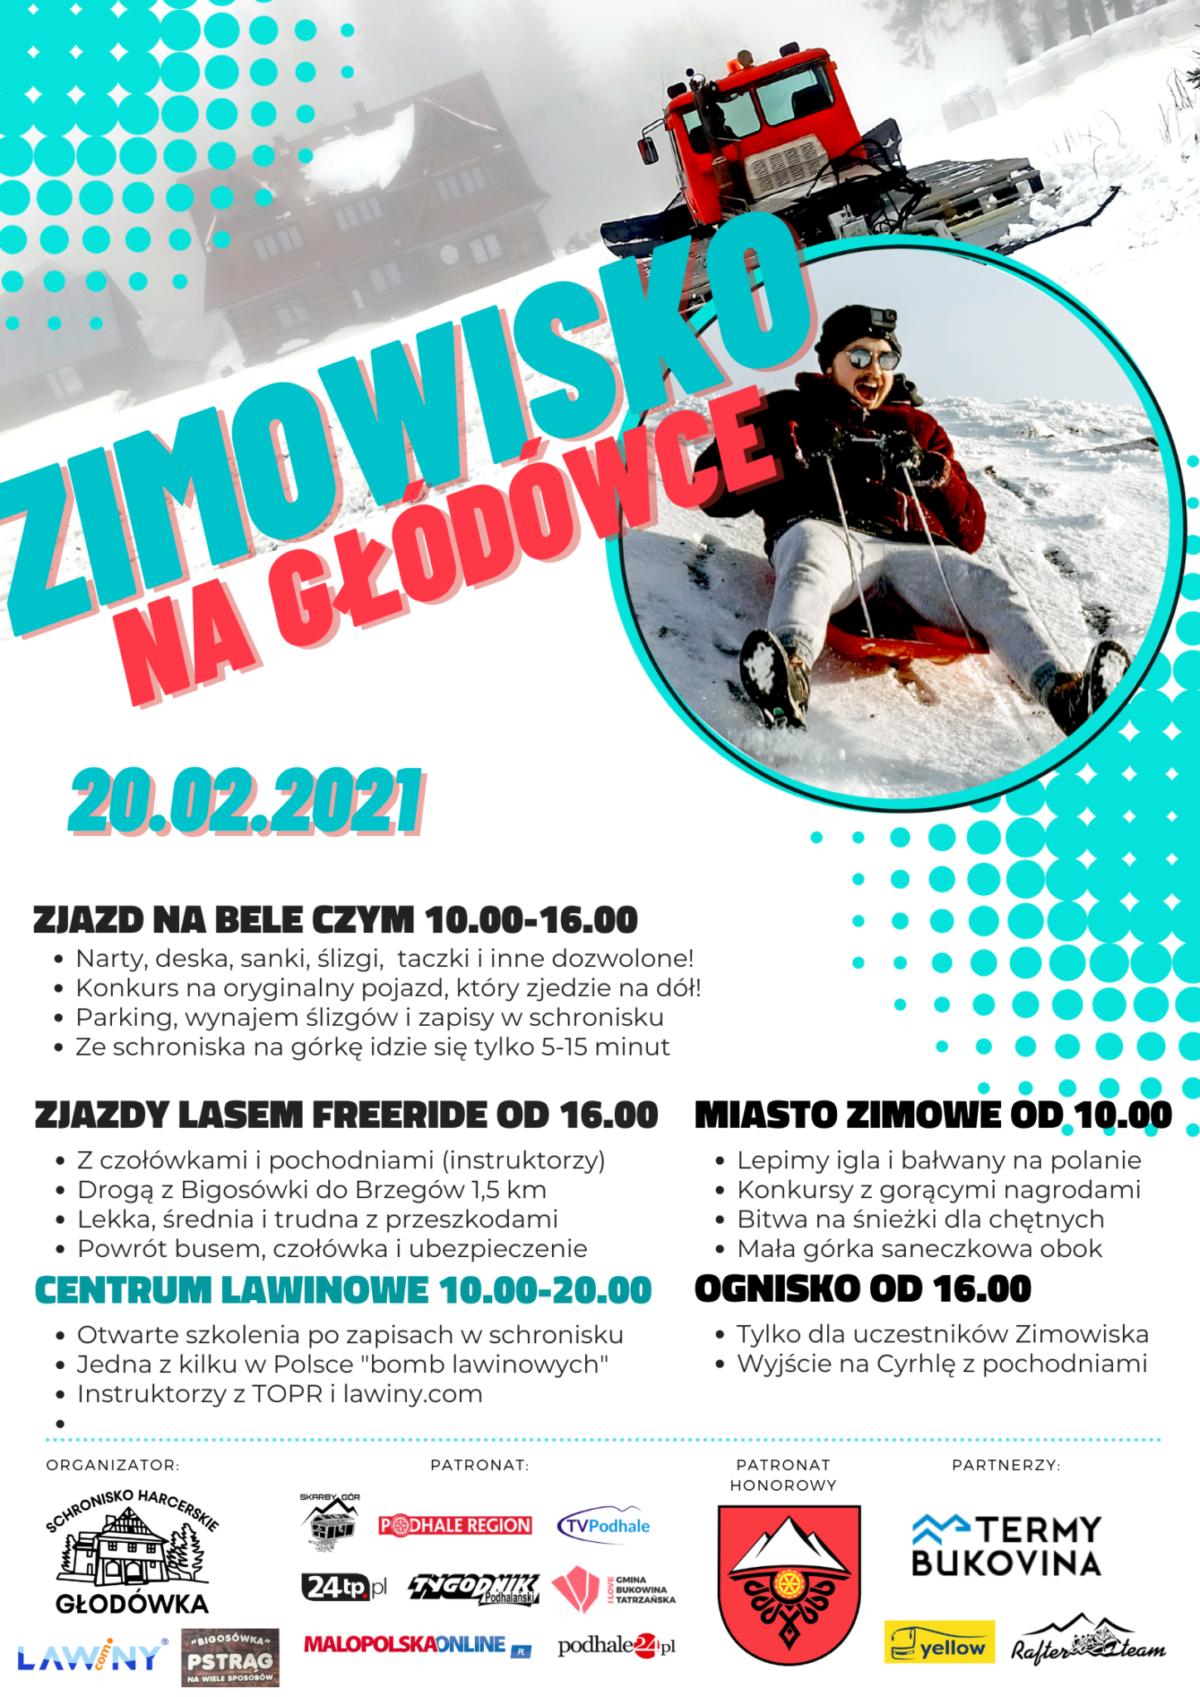 Glodowka-Zimowisko-Zjazd-na-Bele-Czym-Zjazdy-freeride-Szkolenia-lawinowe-Miasto-zimowe-20-II-2021-1200x1697.png